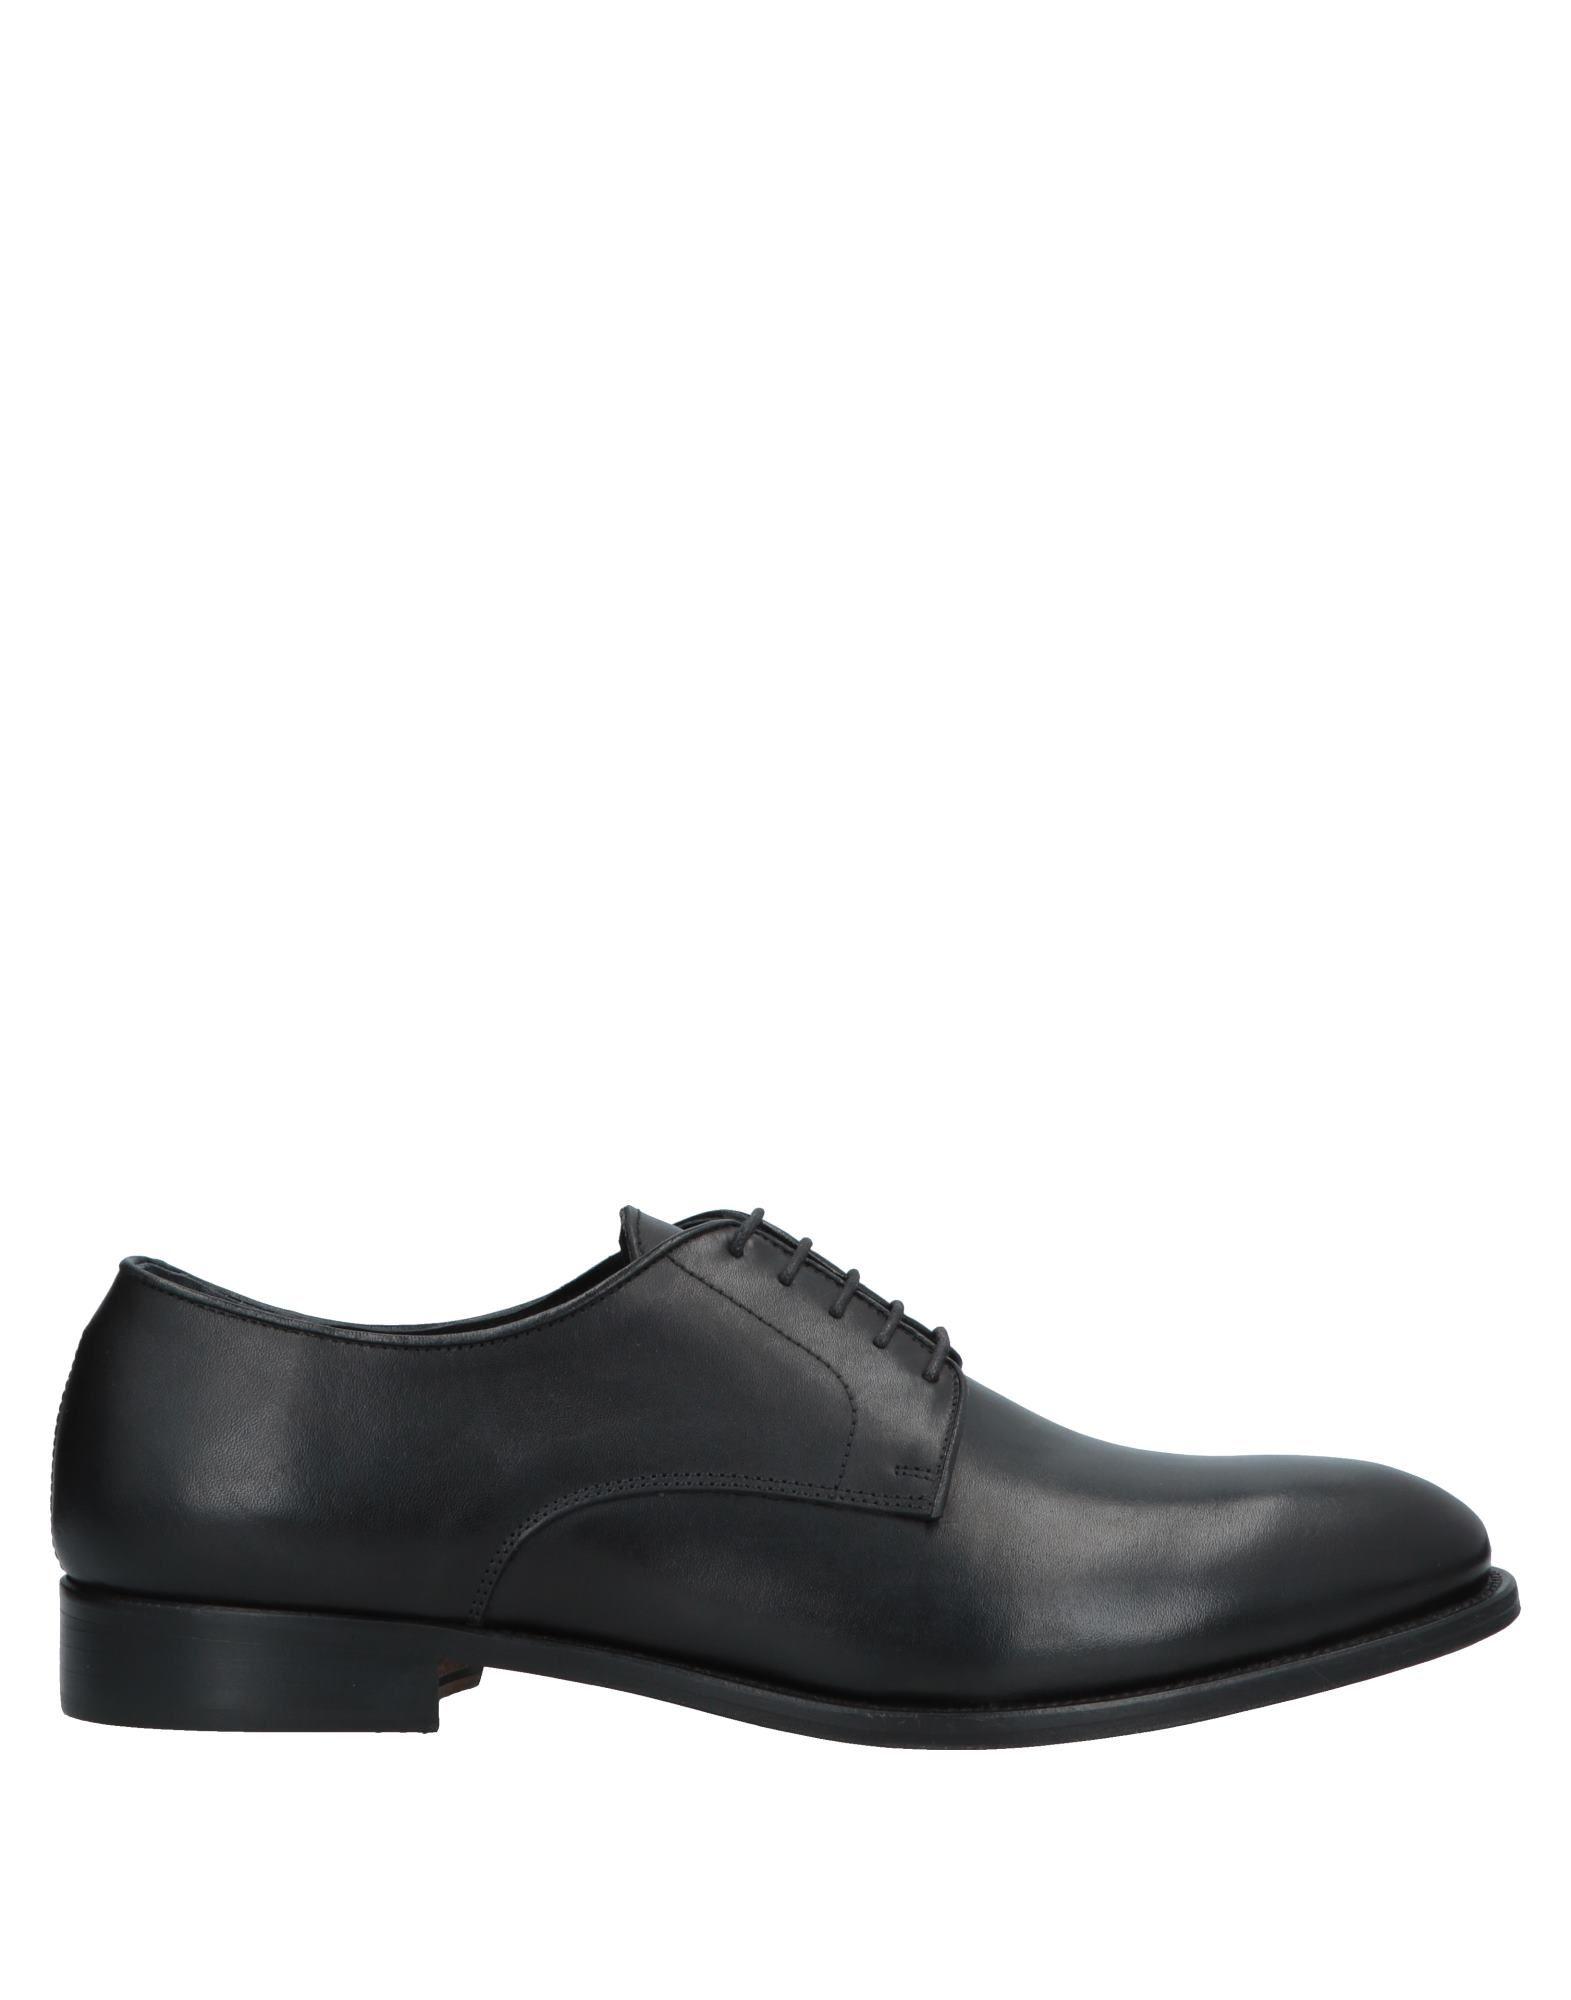 Фото - HENRY SMITH Обувь на шнурках alexander smith обувь на шнурках